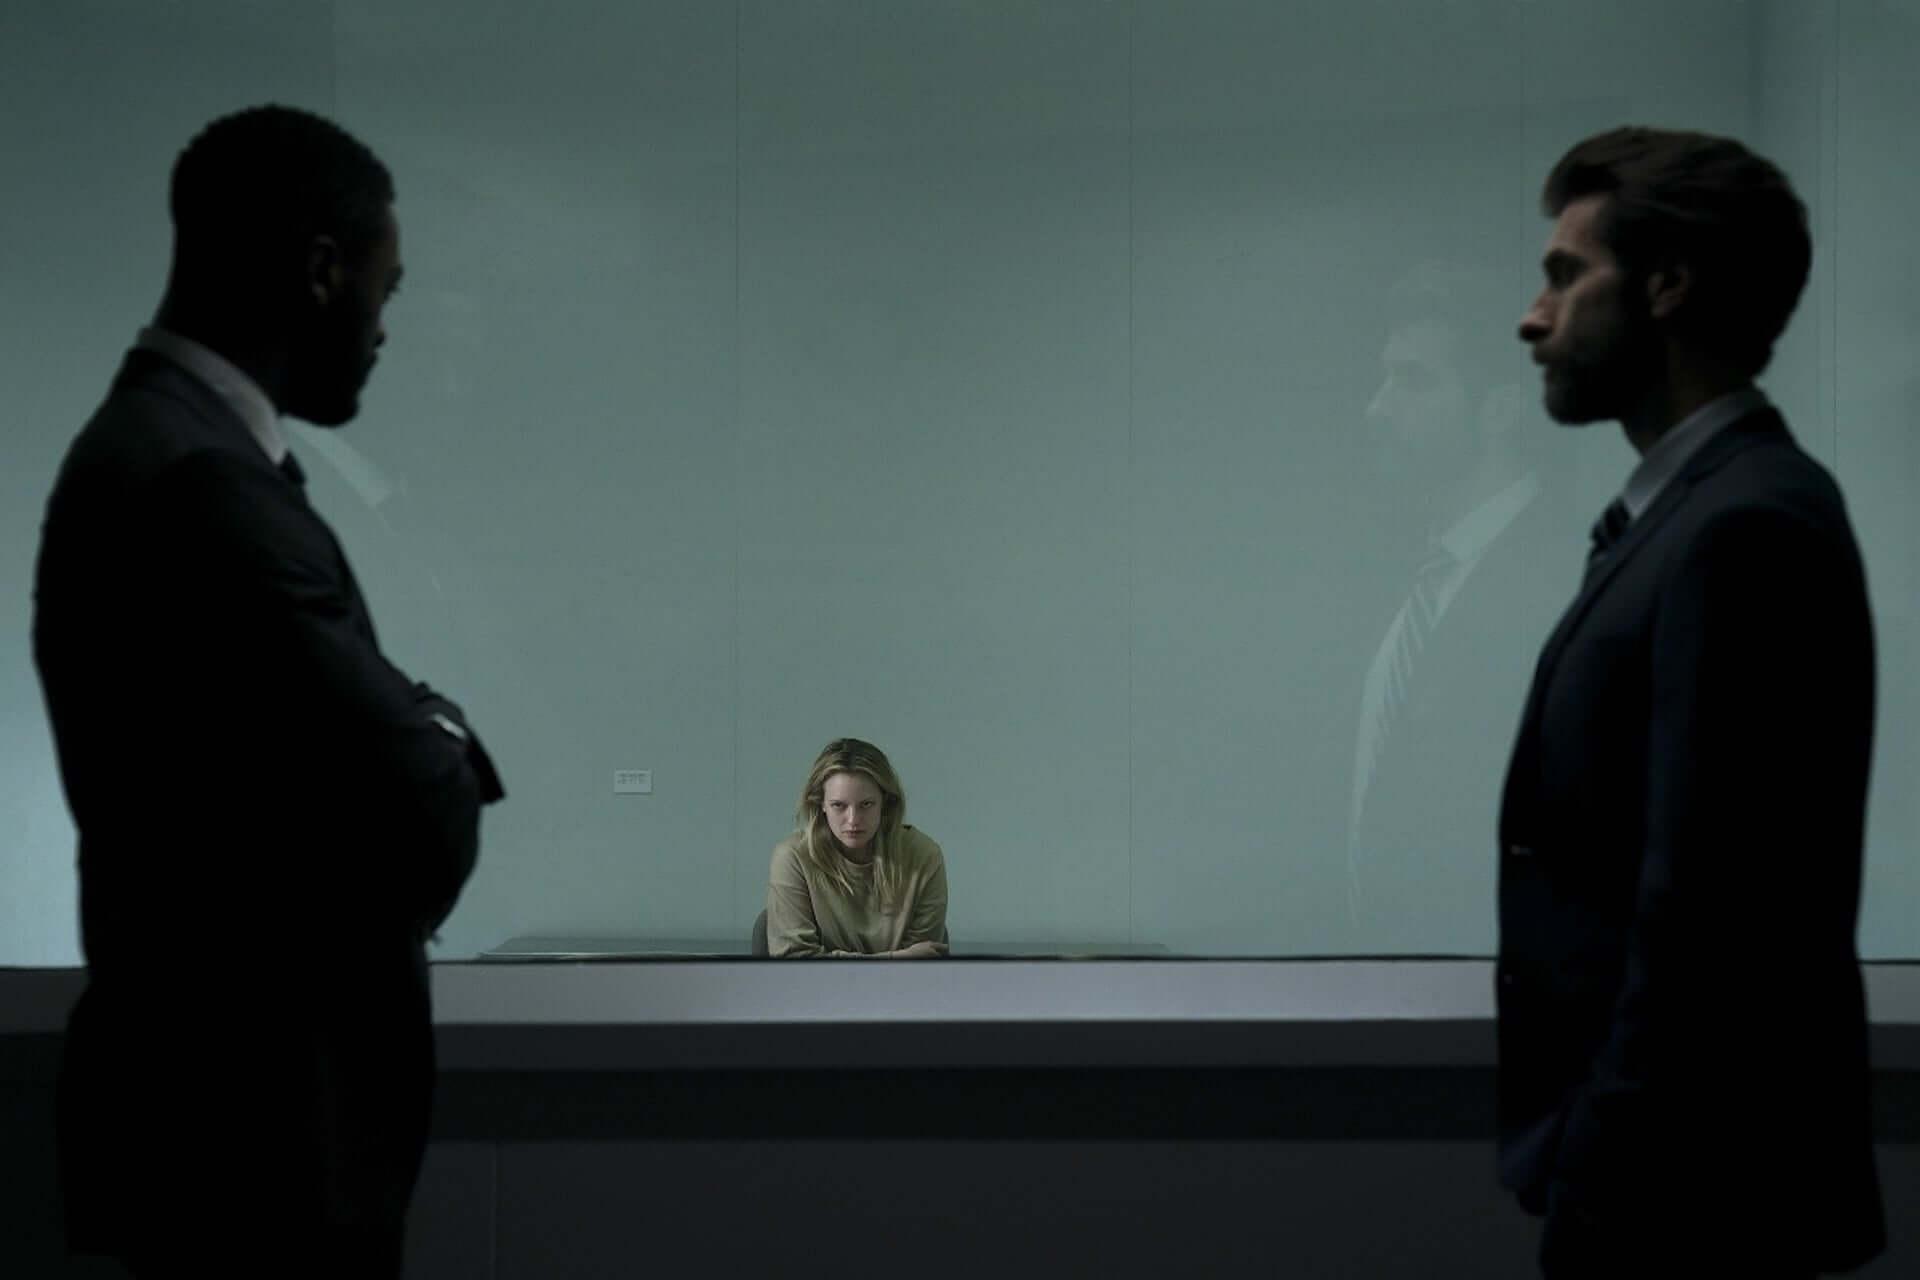 エリザベス・モス演じるセシリアが狂気に苛まされていく…『透明人間』本編映像&リー・ワネル監督のコメントが公開 film200708_toumei-ningen_2-1920x1280